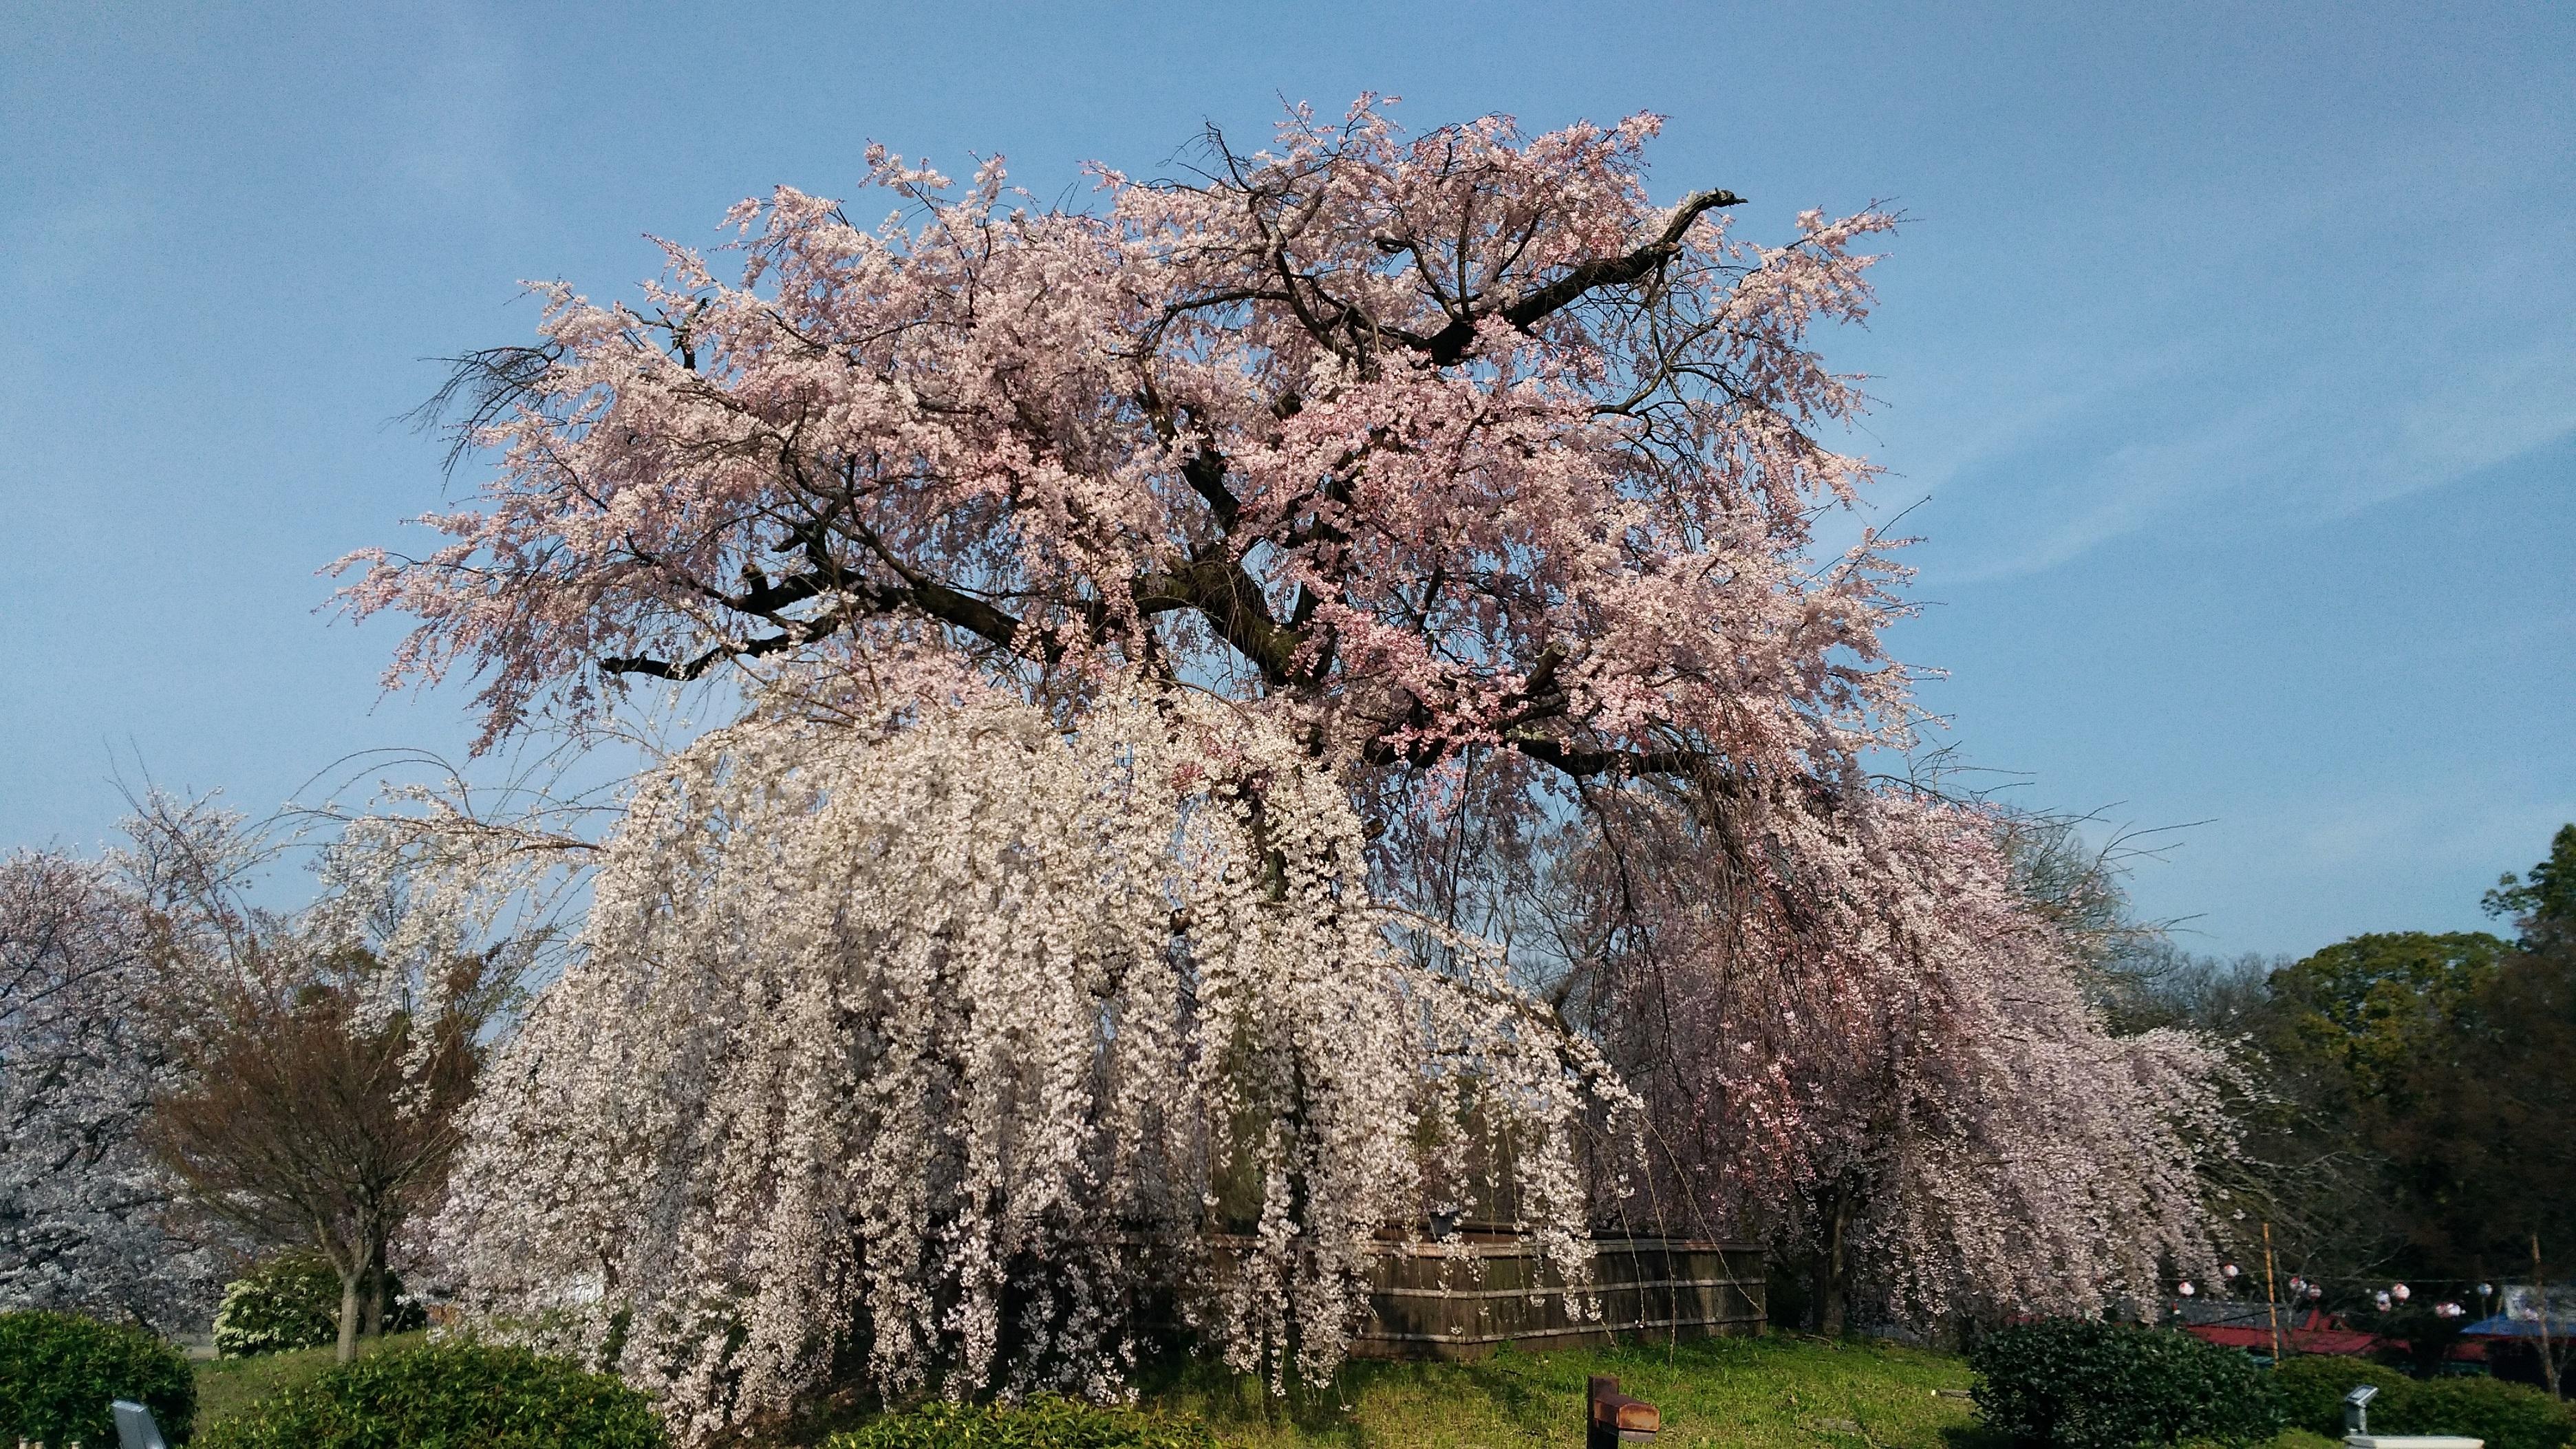 【京都:桜】の名所のご紹介です。無料で鑑賞できますよ!! -リピーターのための、おすすめ京都の穴場ガイド-